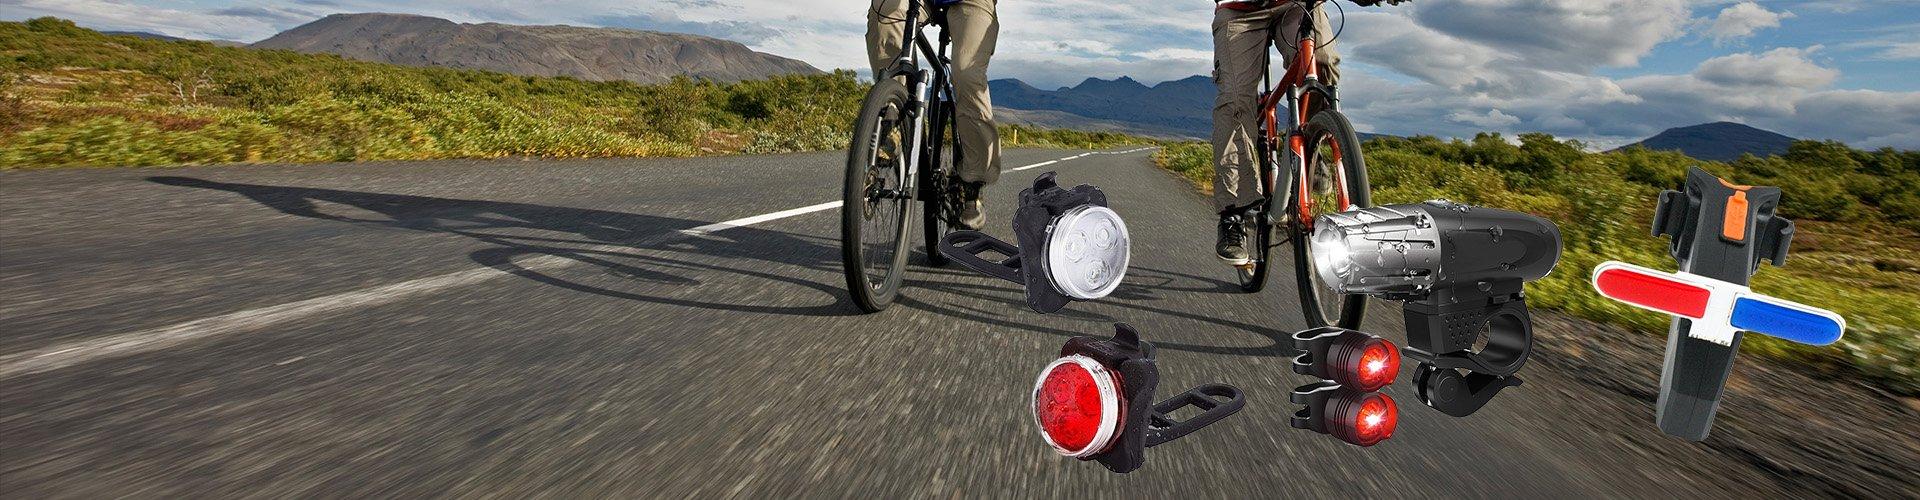 LED Bike Light Manufacturer